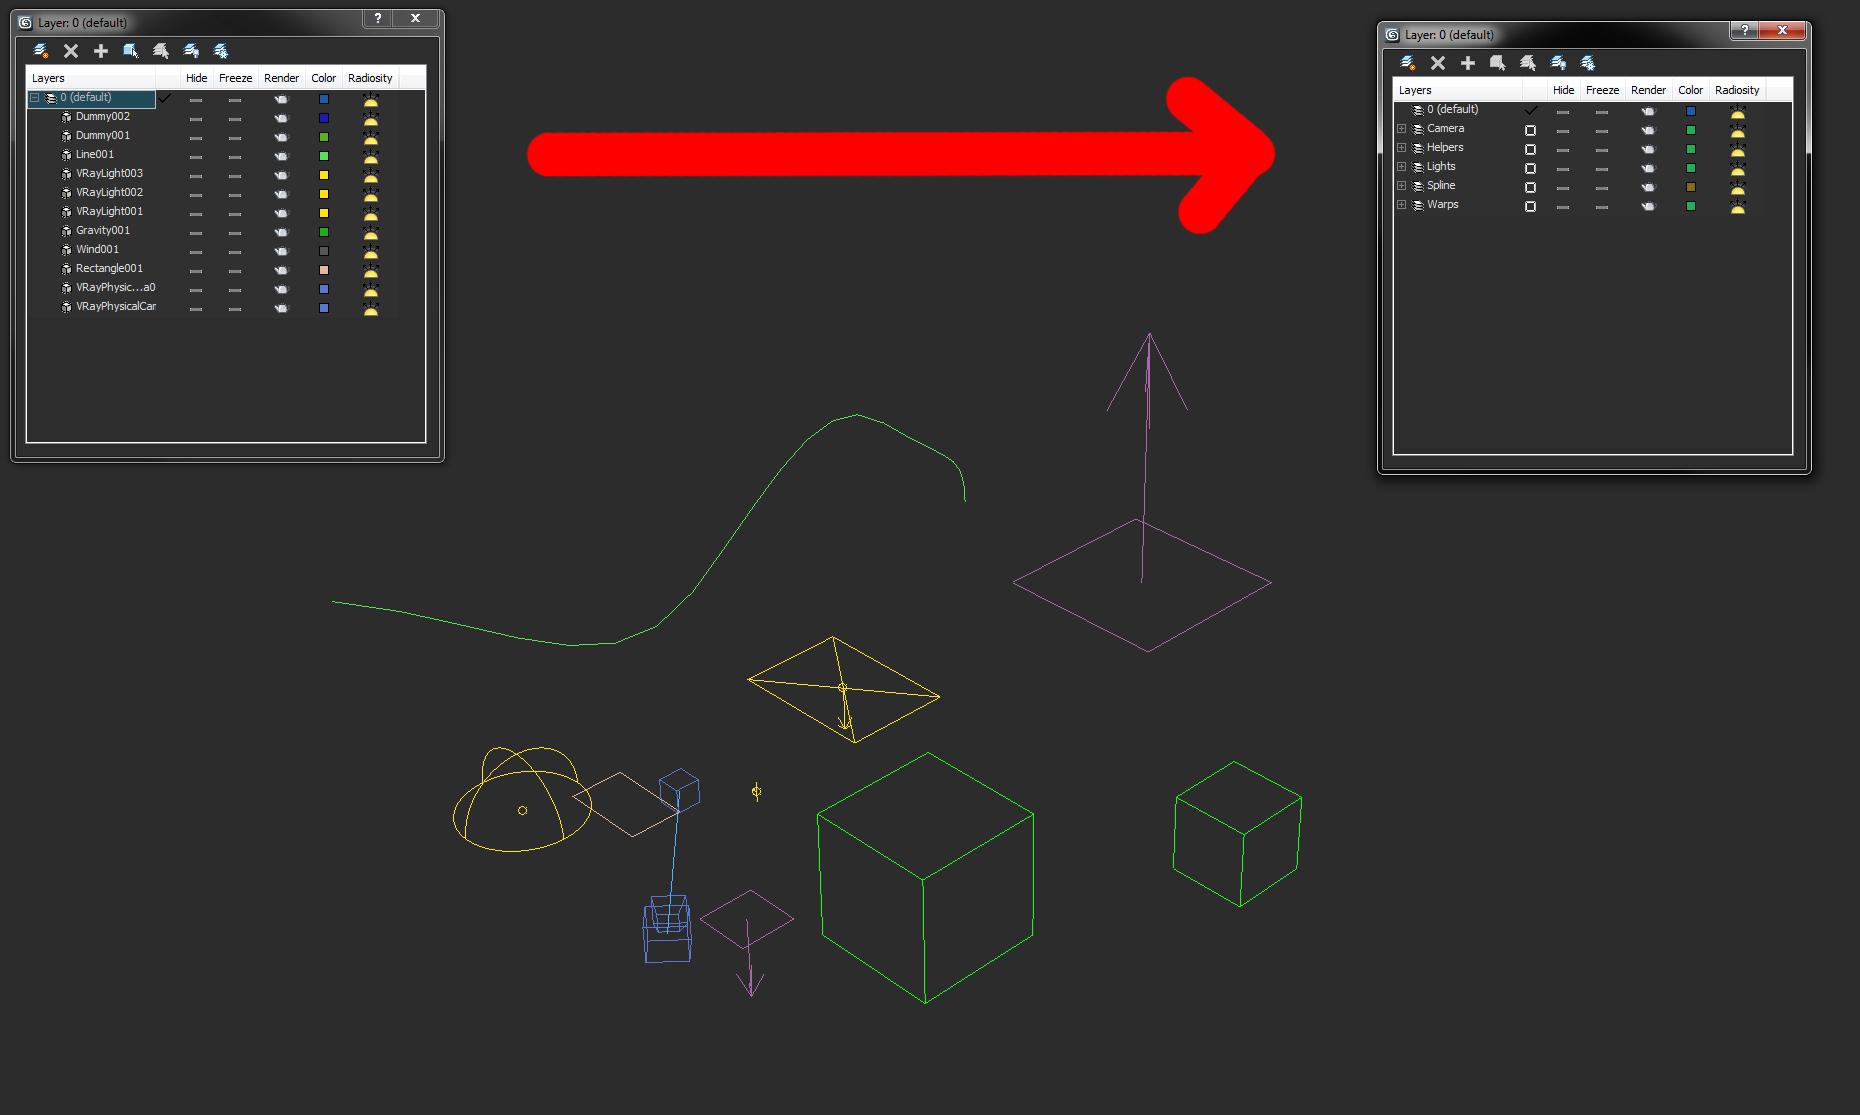 New_layer_script